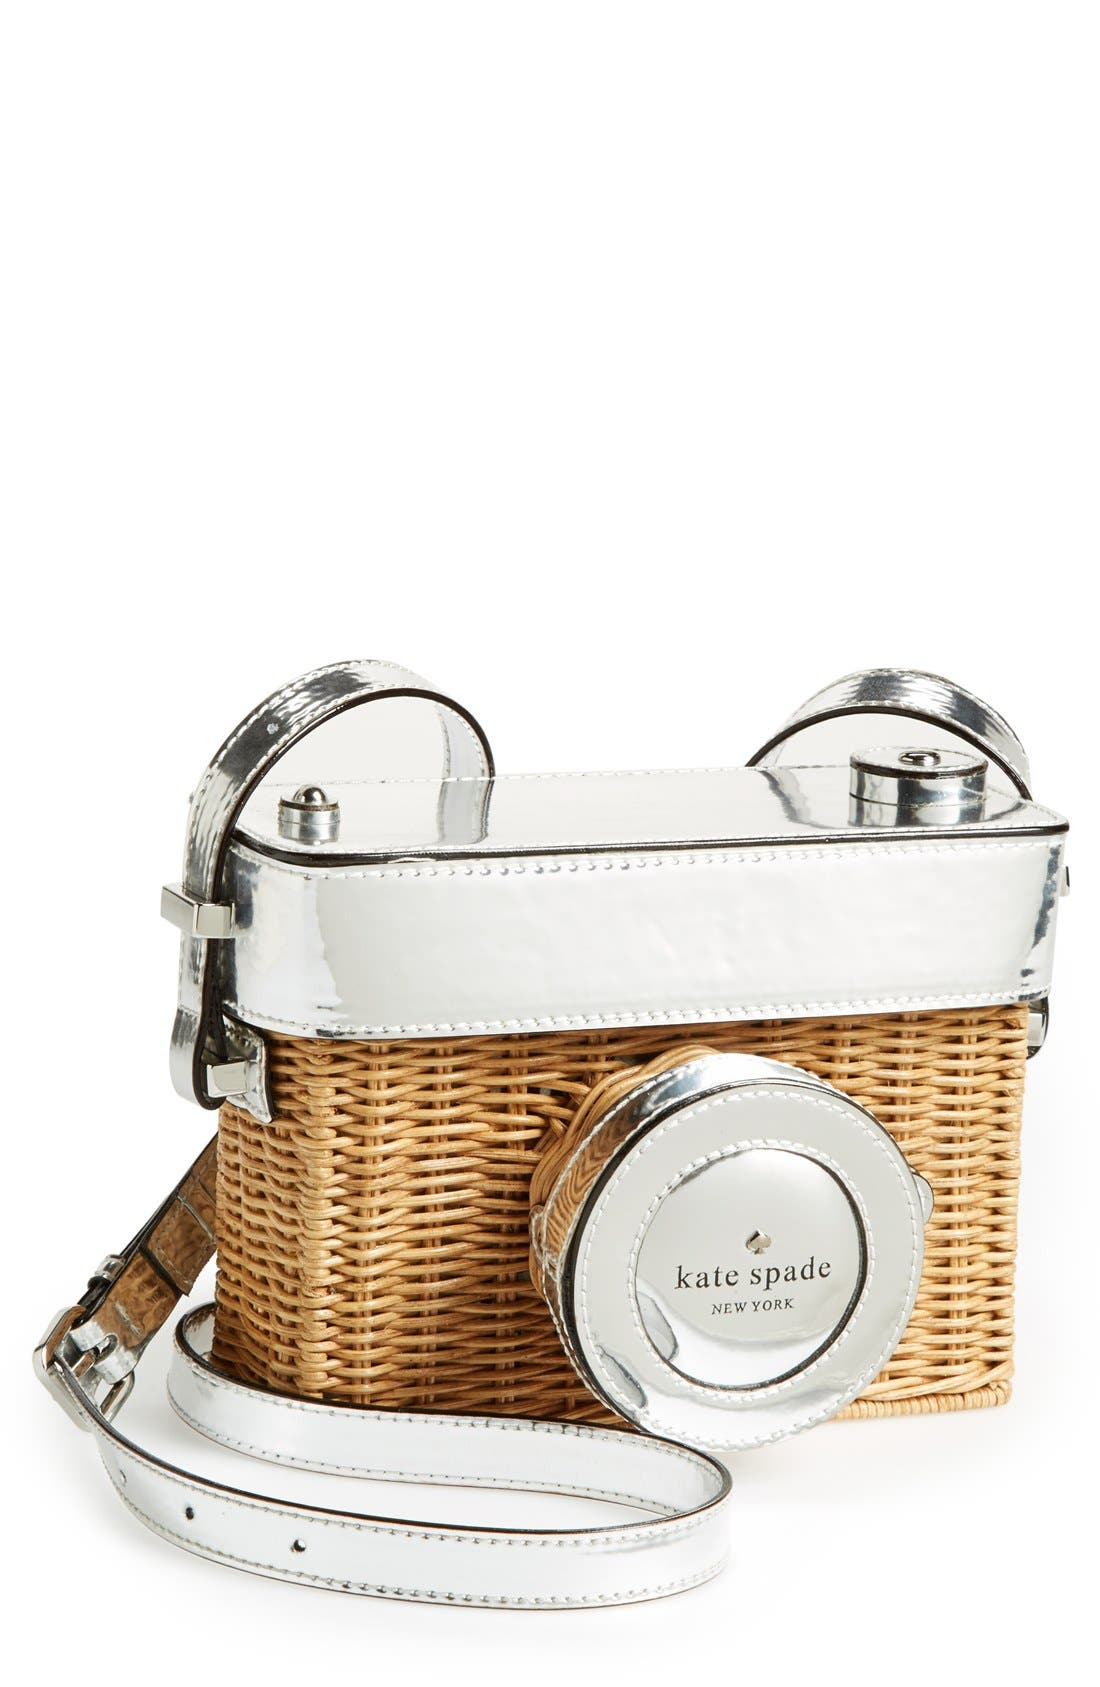 KATE SPADE NEW YORK 'grand tour' wicker camera shoulder bag, Main, color, 250